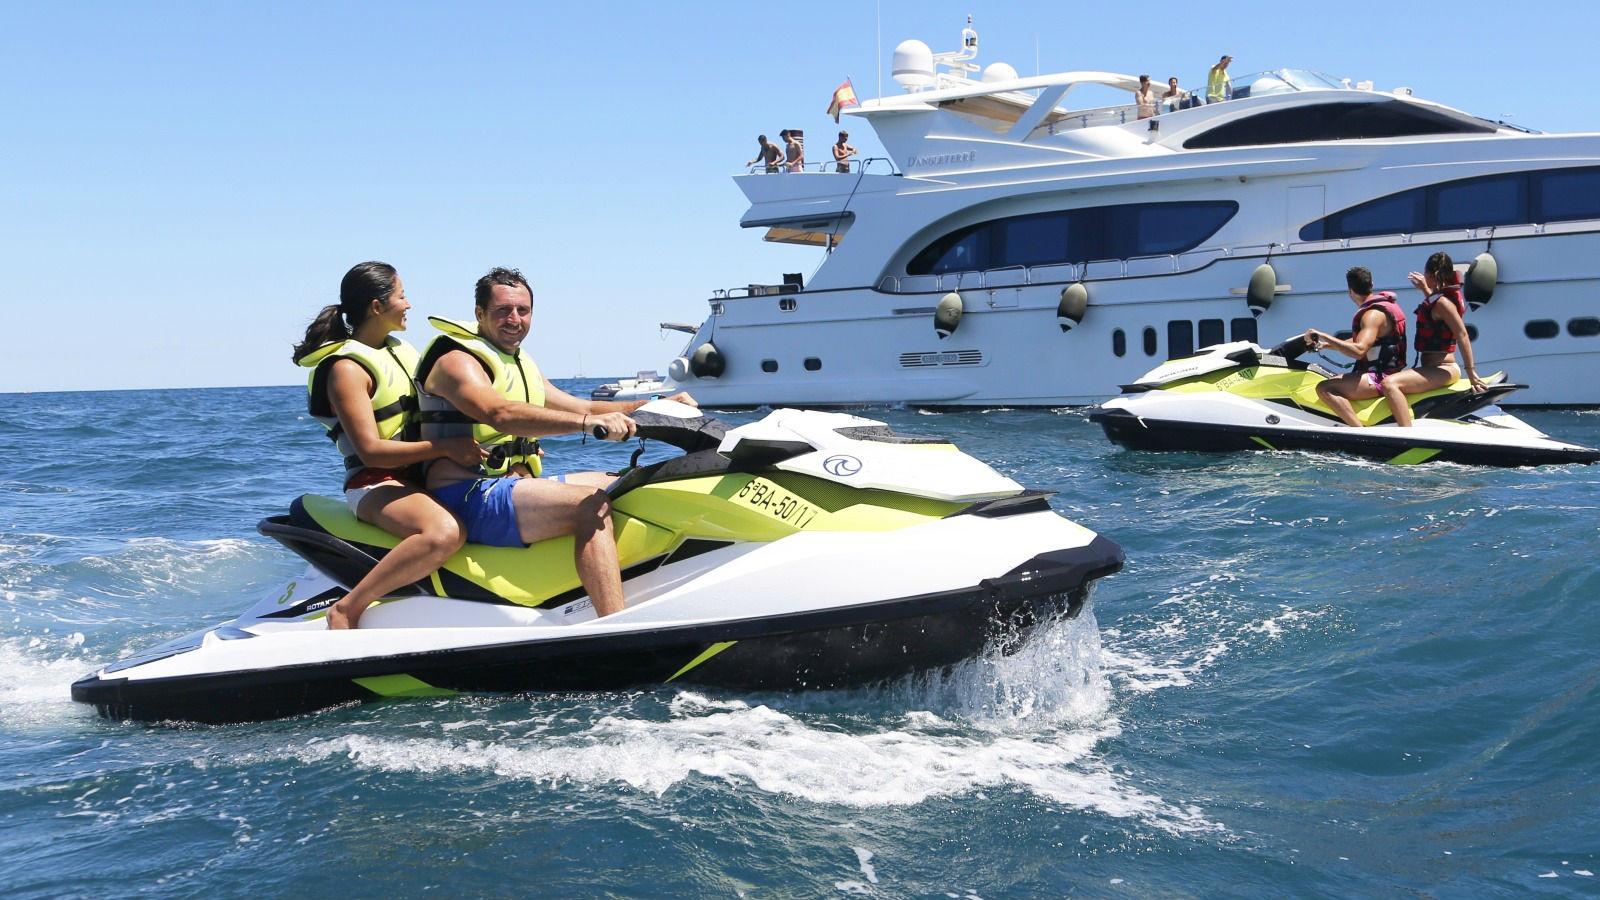 Barcelona jet ski experience - Living Tours